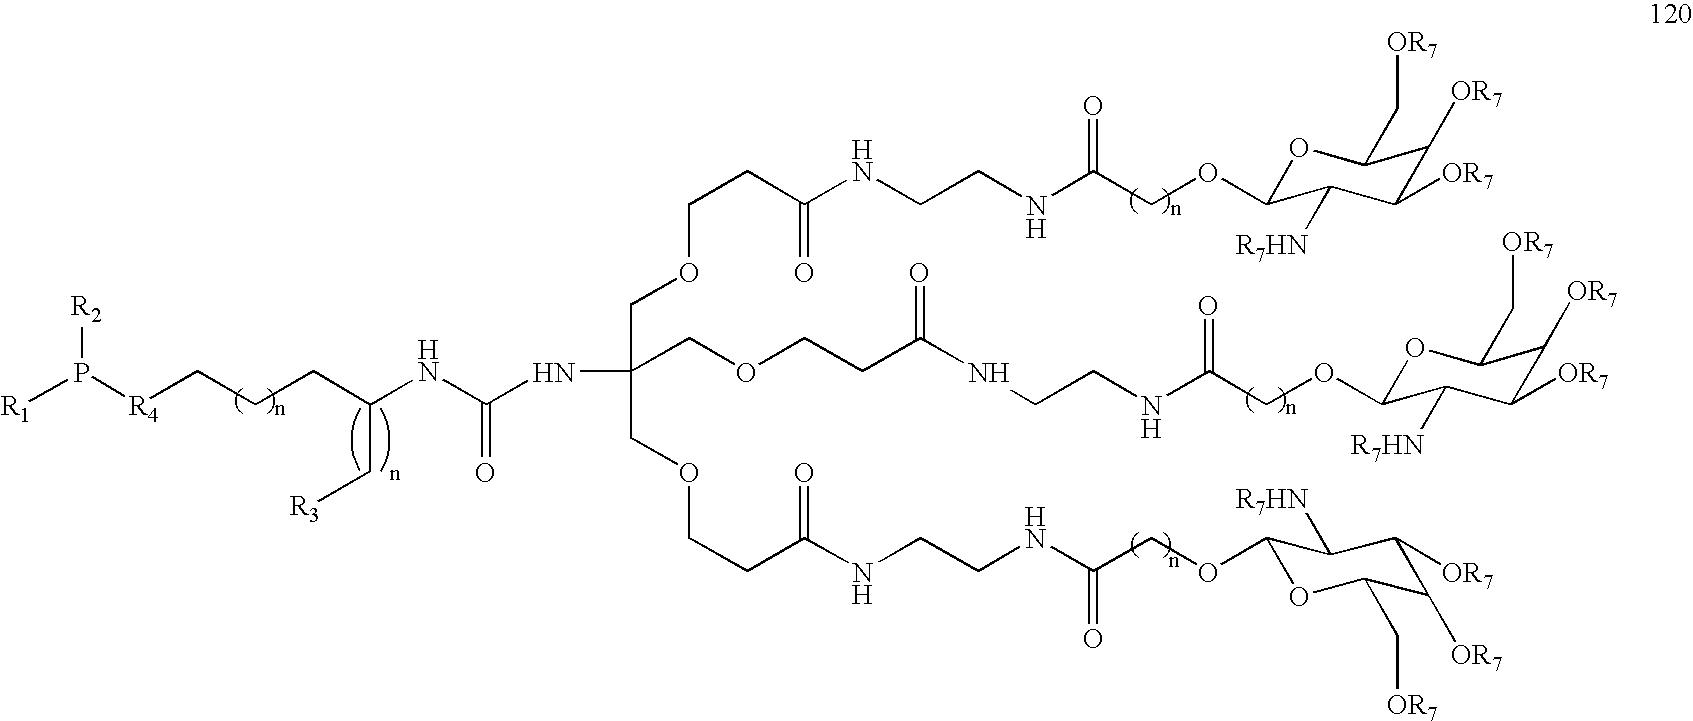 Figure US20050032733A1-20050210-C00084